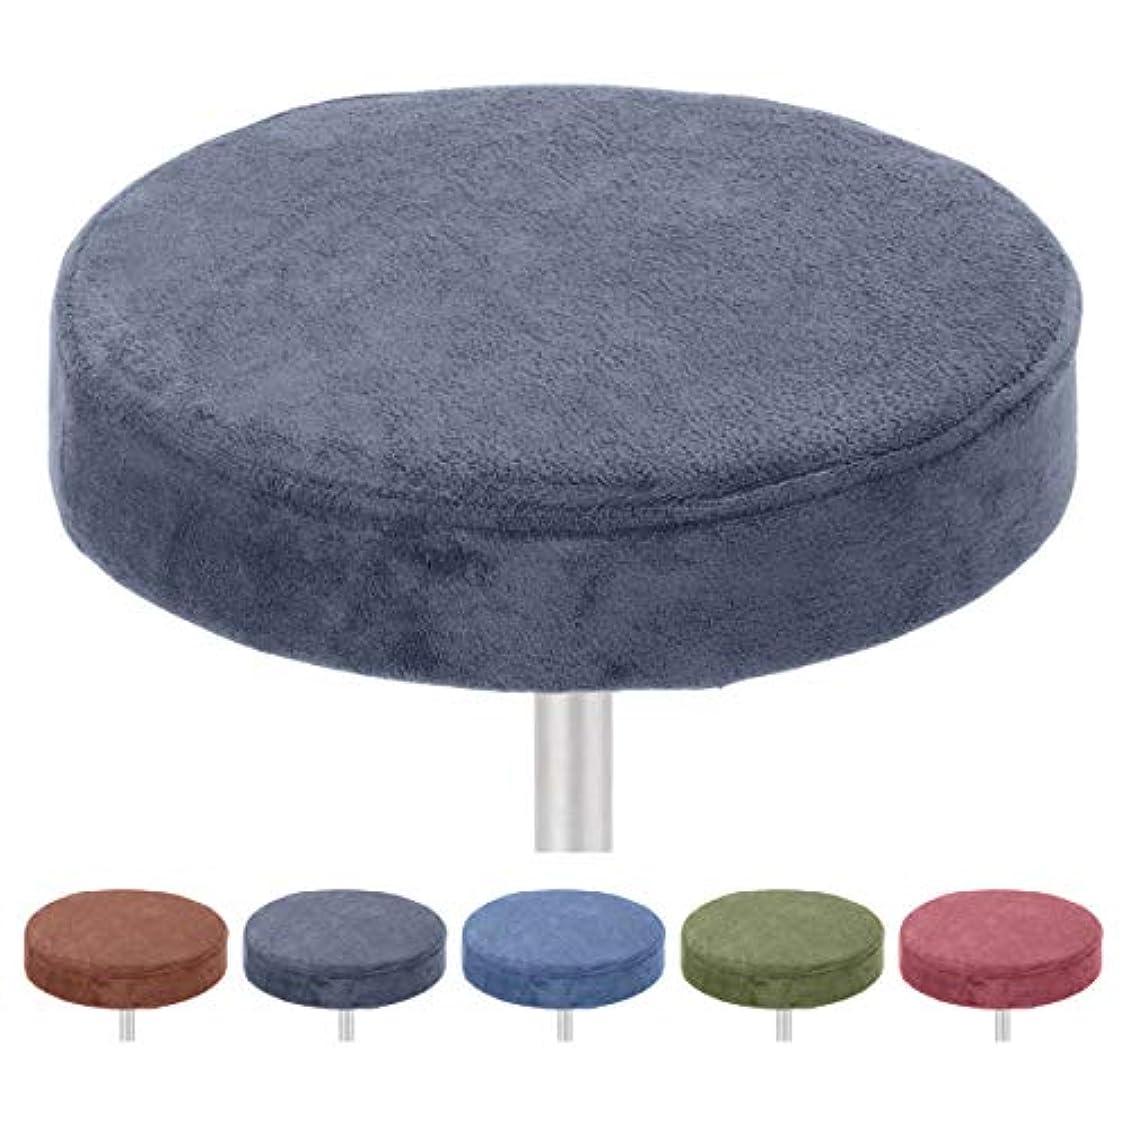 トランジスタ埋める簡単にスツールカバー(マイクロファイバー) 全5色 グレー [ スツールカバー 椅子カバー 丸椅子カバー チェアカバー スツール カバー イス 椅子 チェア ]